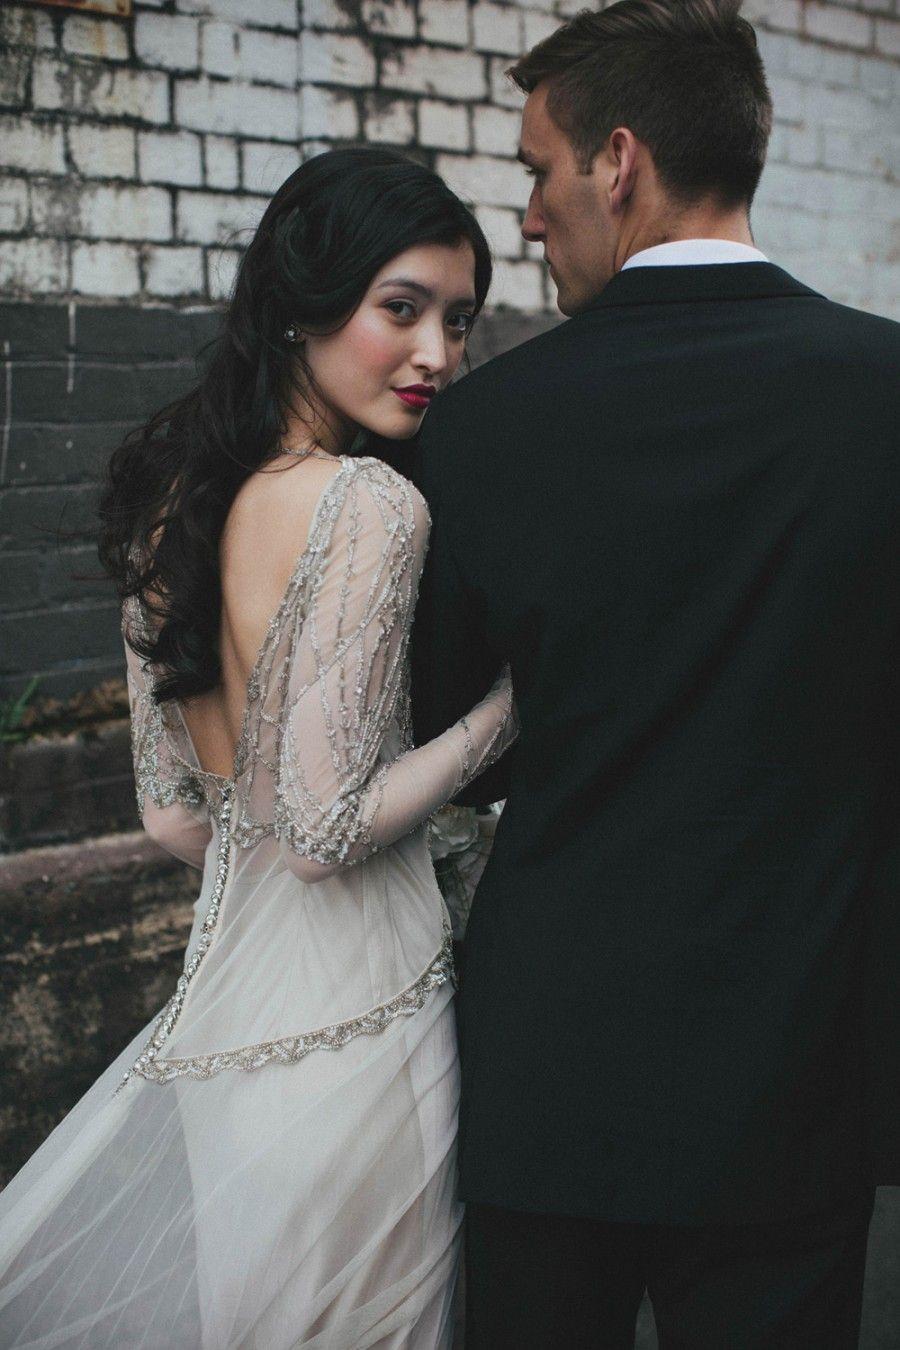 gwendolynne-wedding-dress-white-ash-photography-06